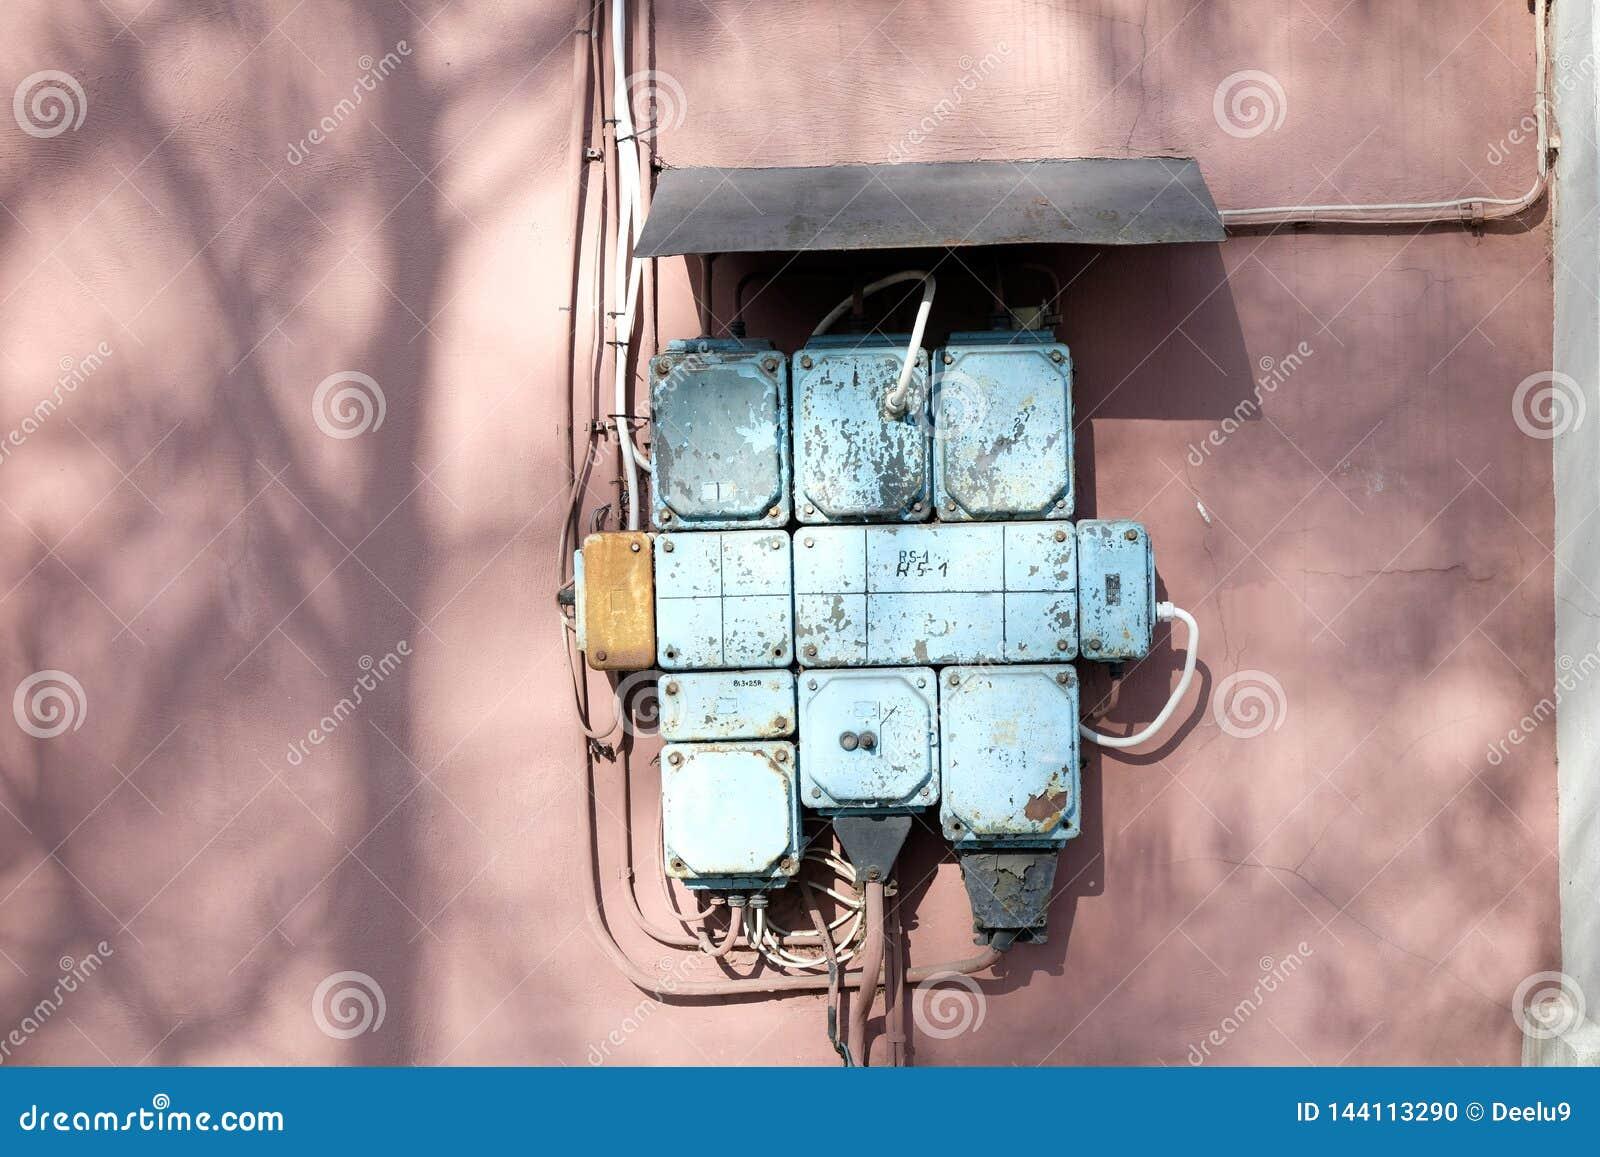 Een uitstekende zekeringkast op een roze muur